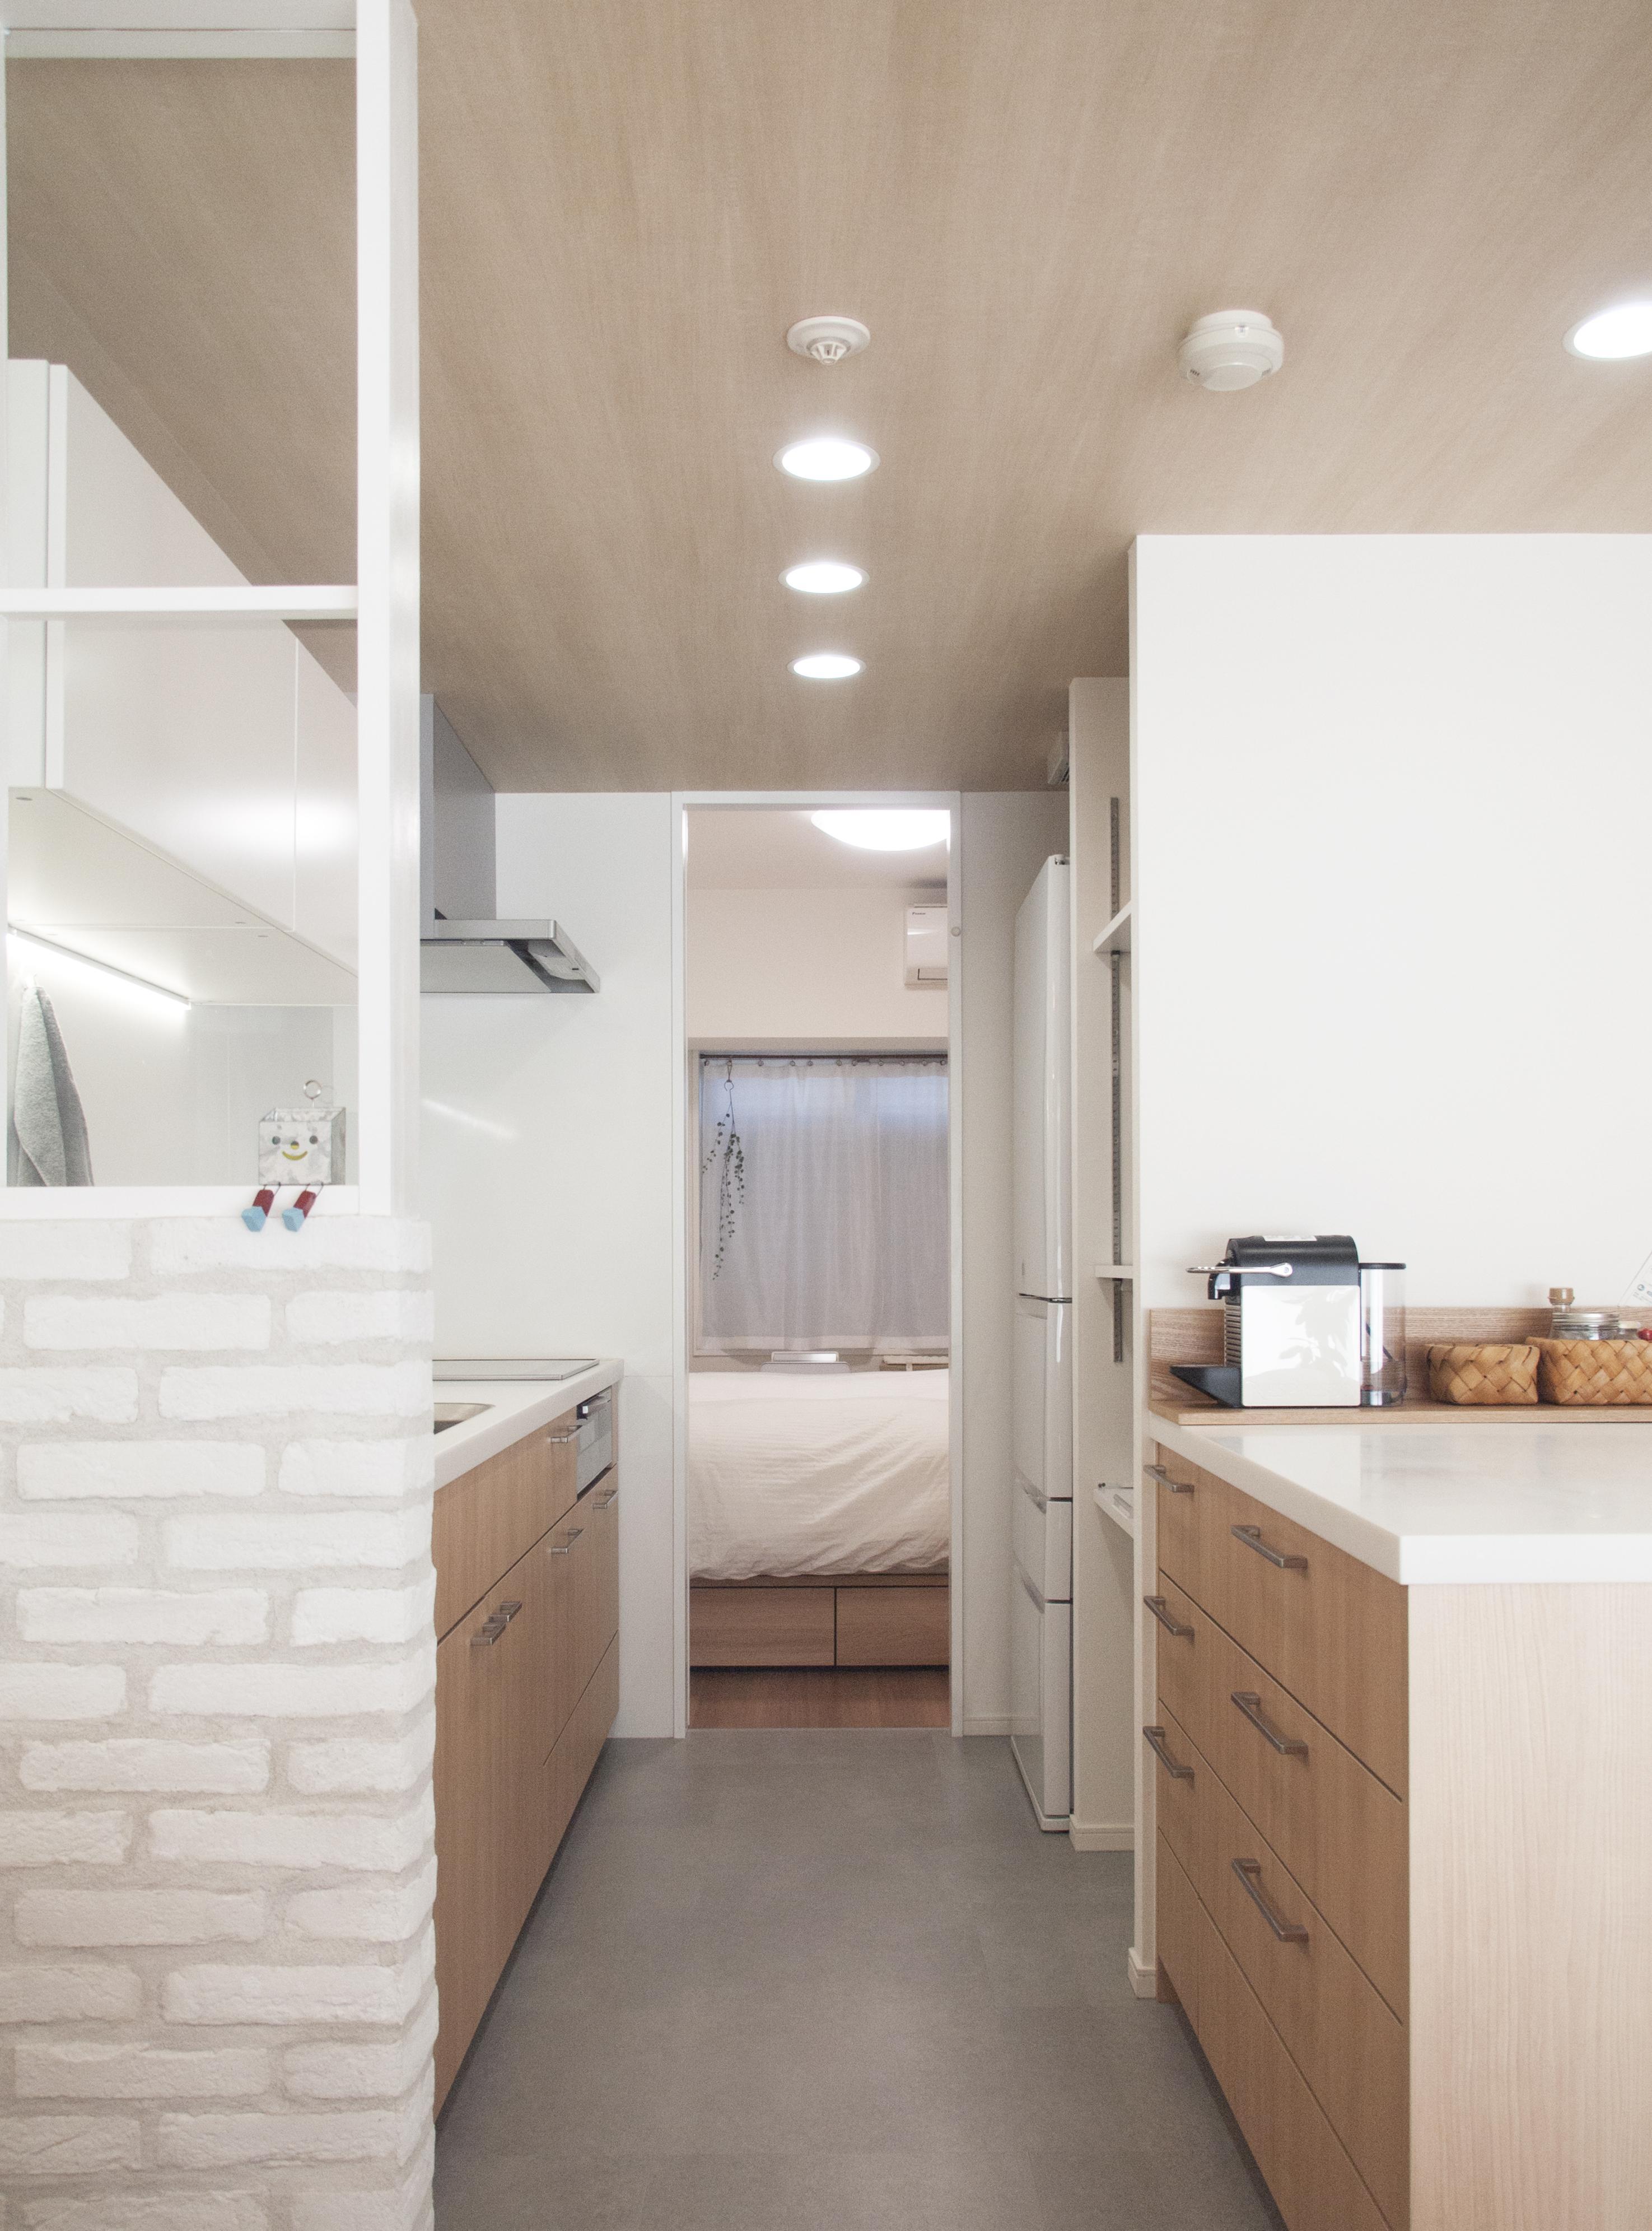 建築家とつくりあげた理想のリノベーション空間の部屋 キッチンにある可動式の収納棚